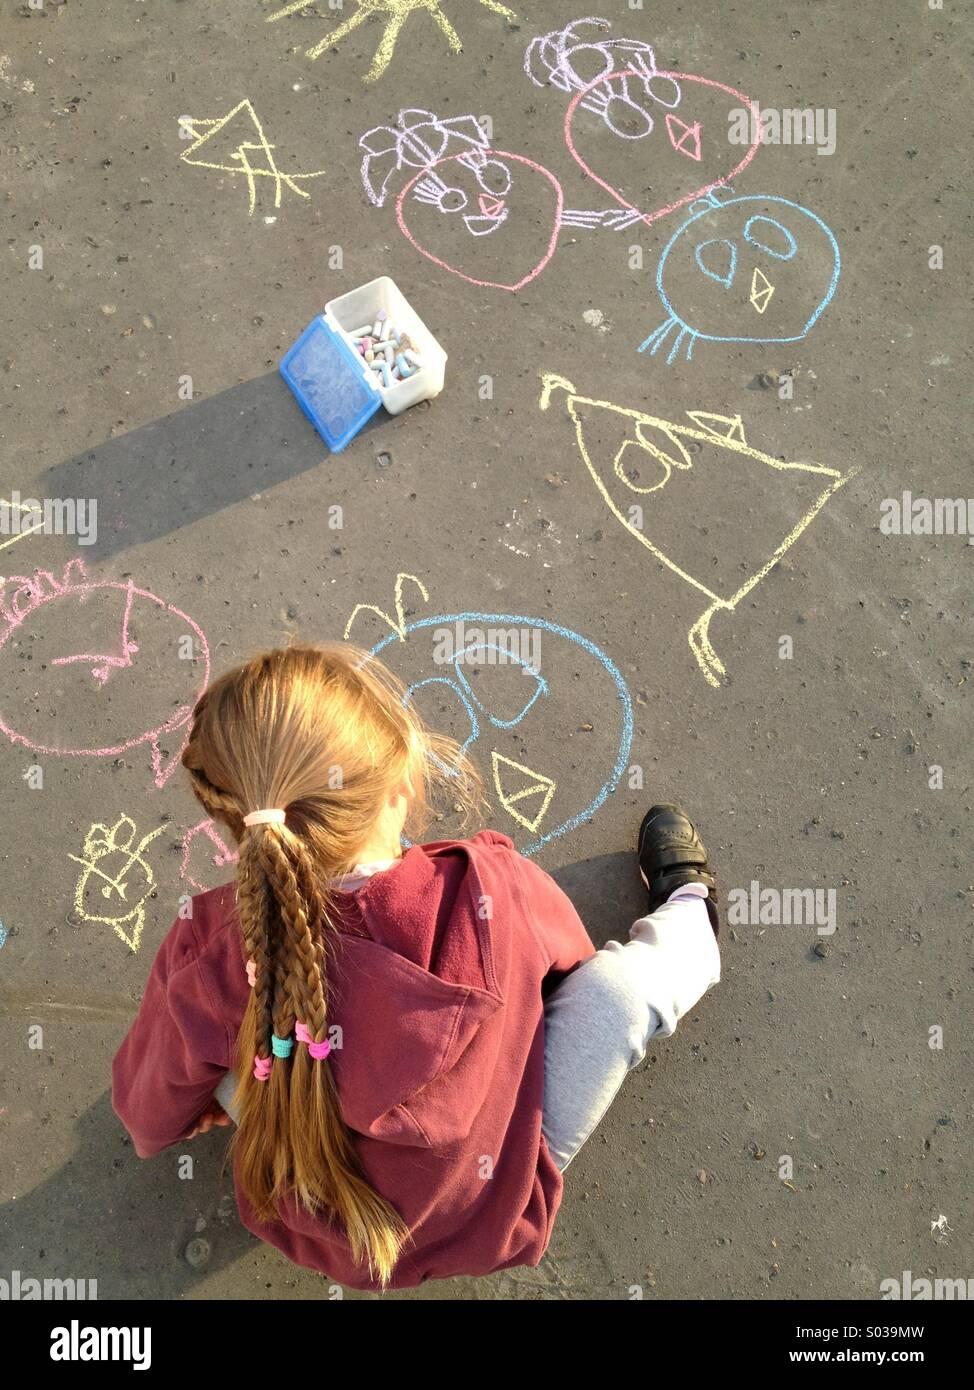 Niño de dibujo con tiza en el asfalto Imagen De Stock